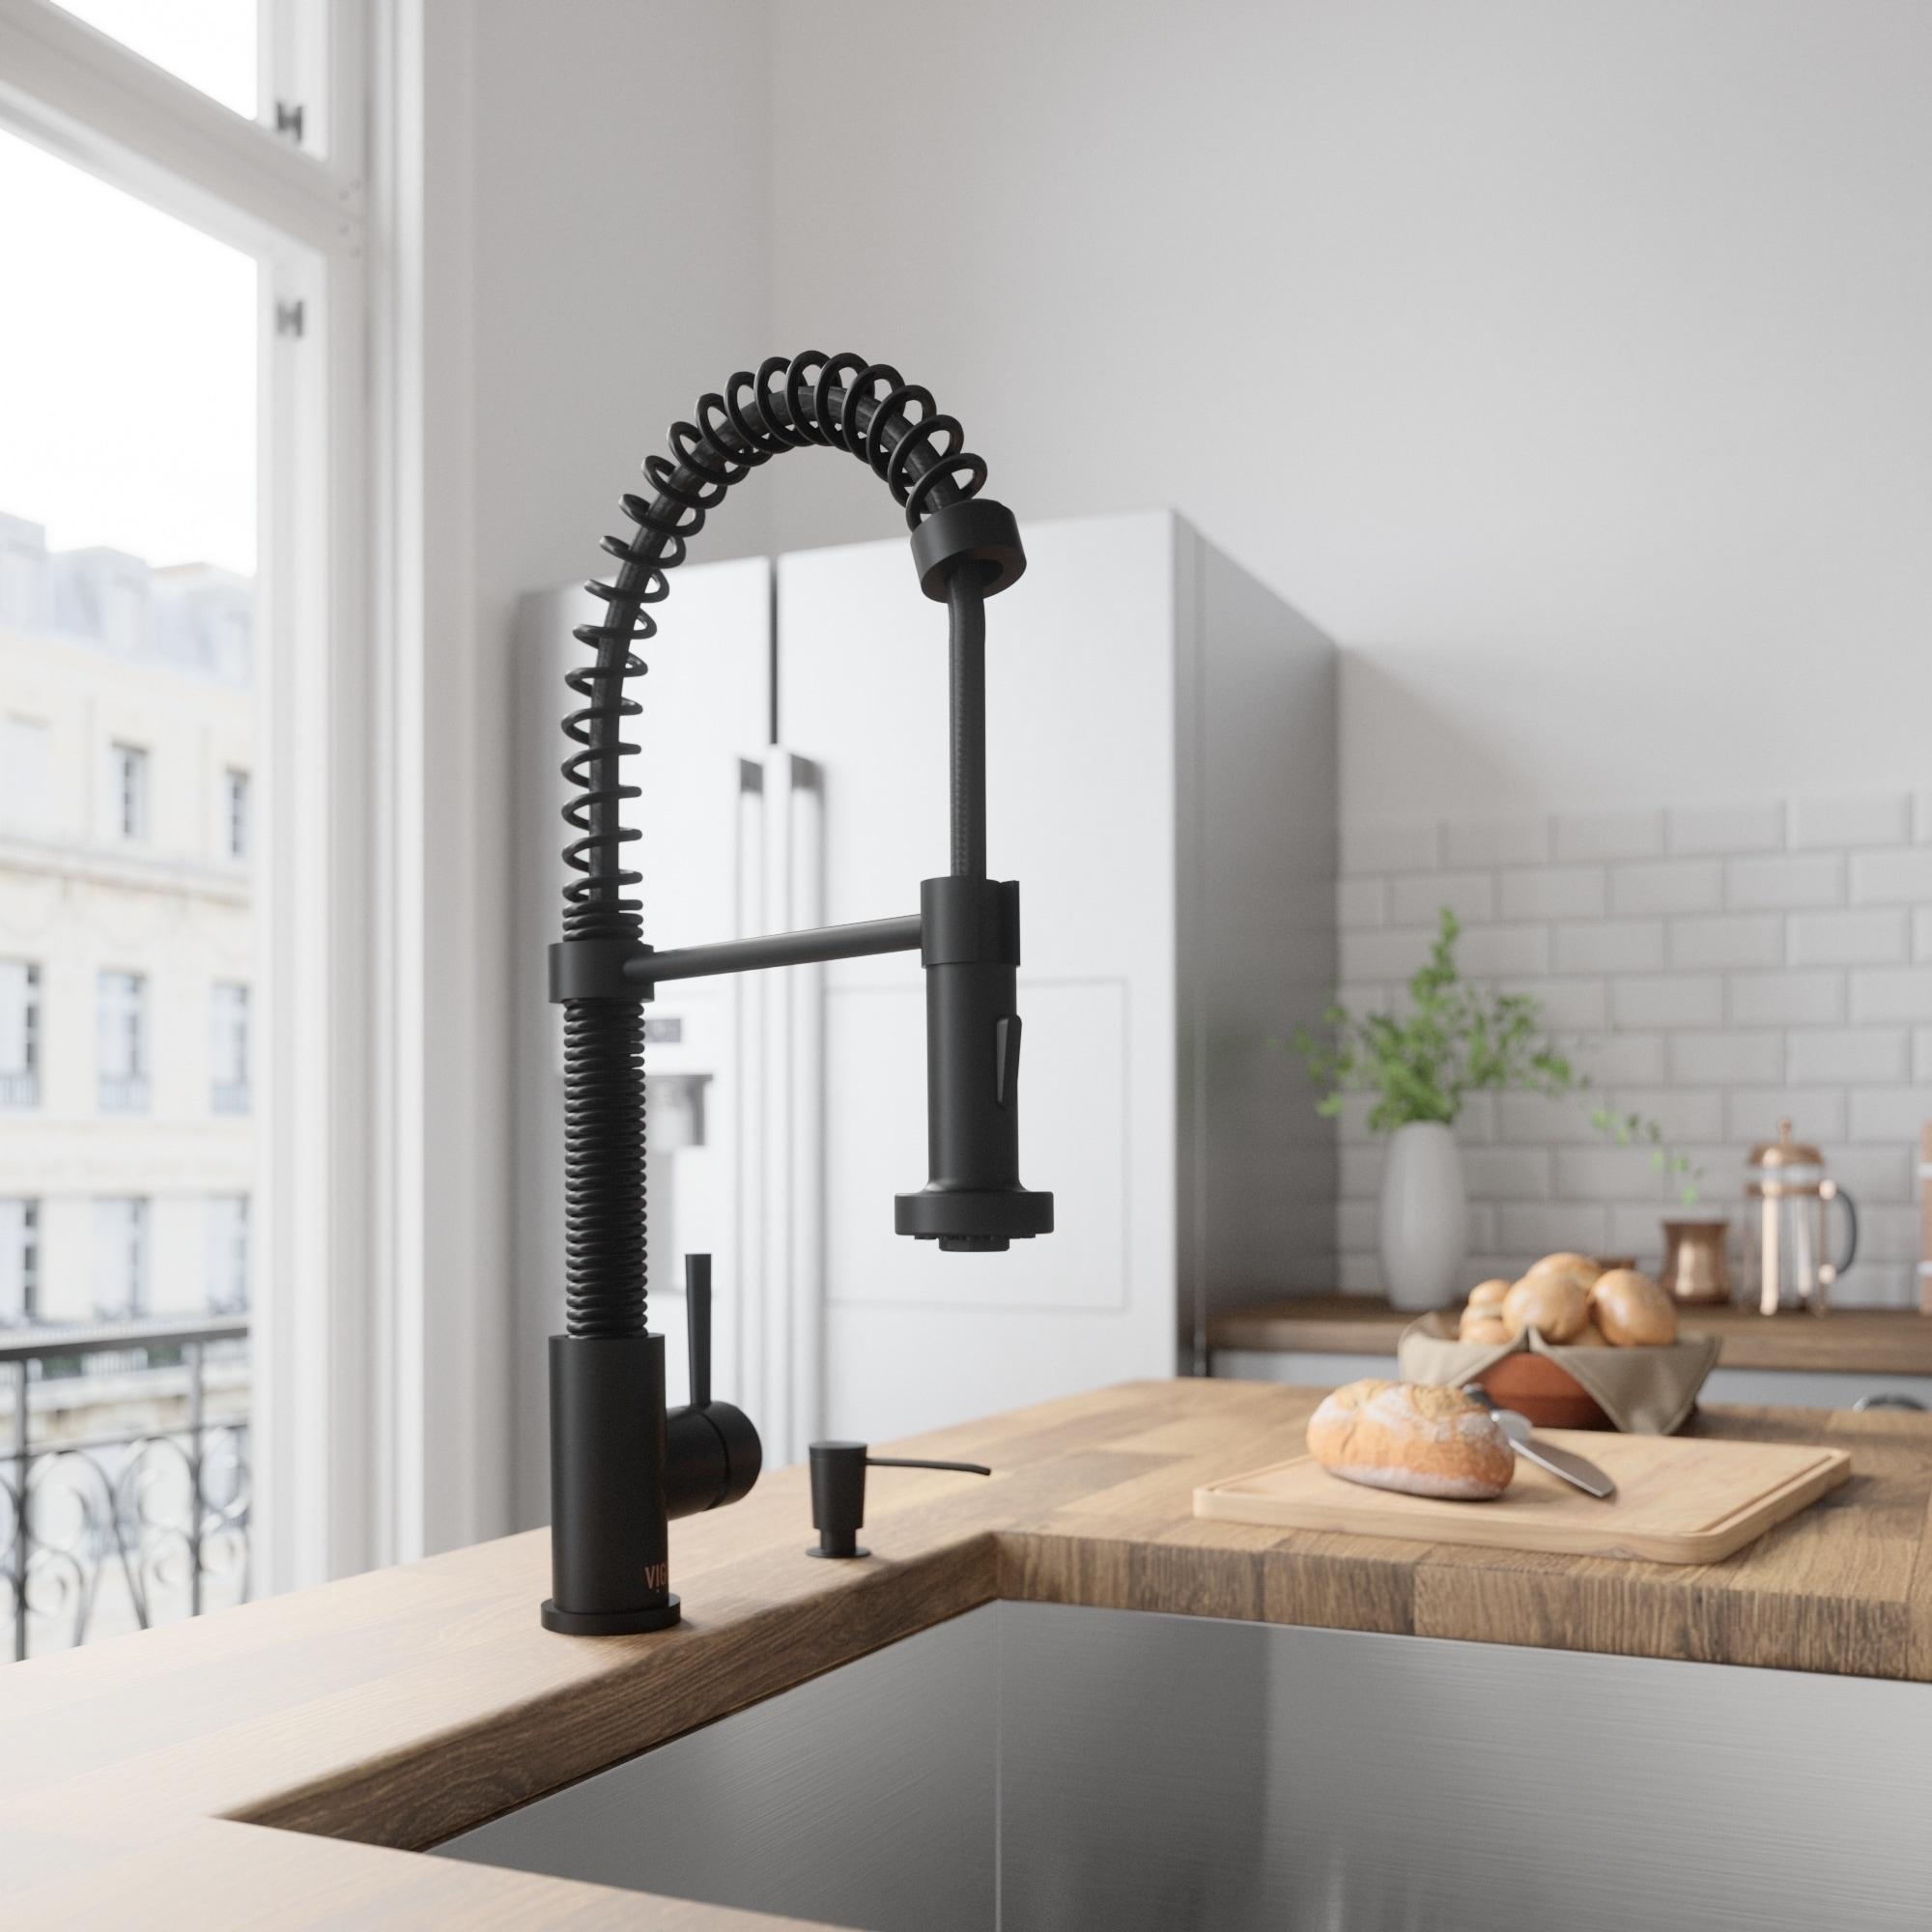 Shop Black Friday Deals On Vigo Matte Black Kitchen Soap Dispenser On Sale Overstock 10698651